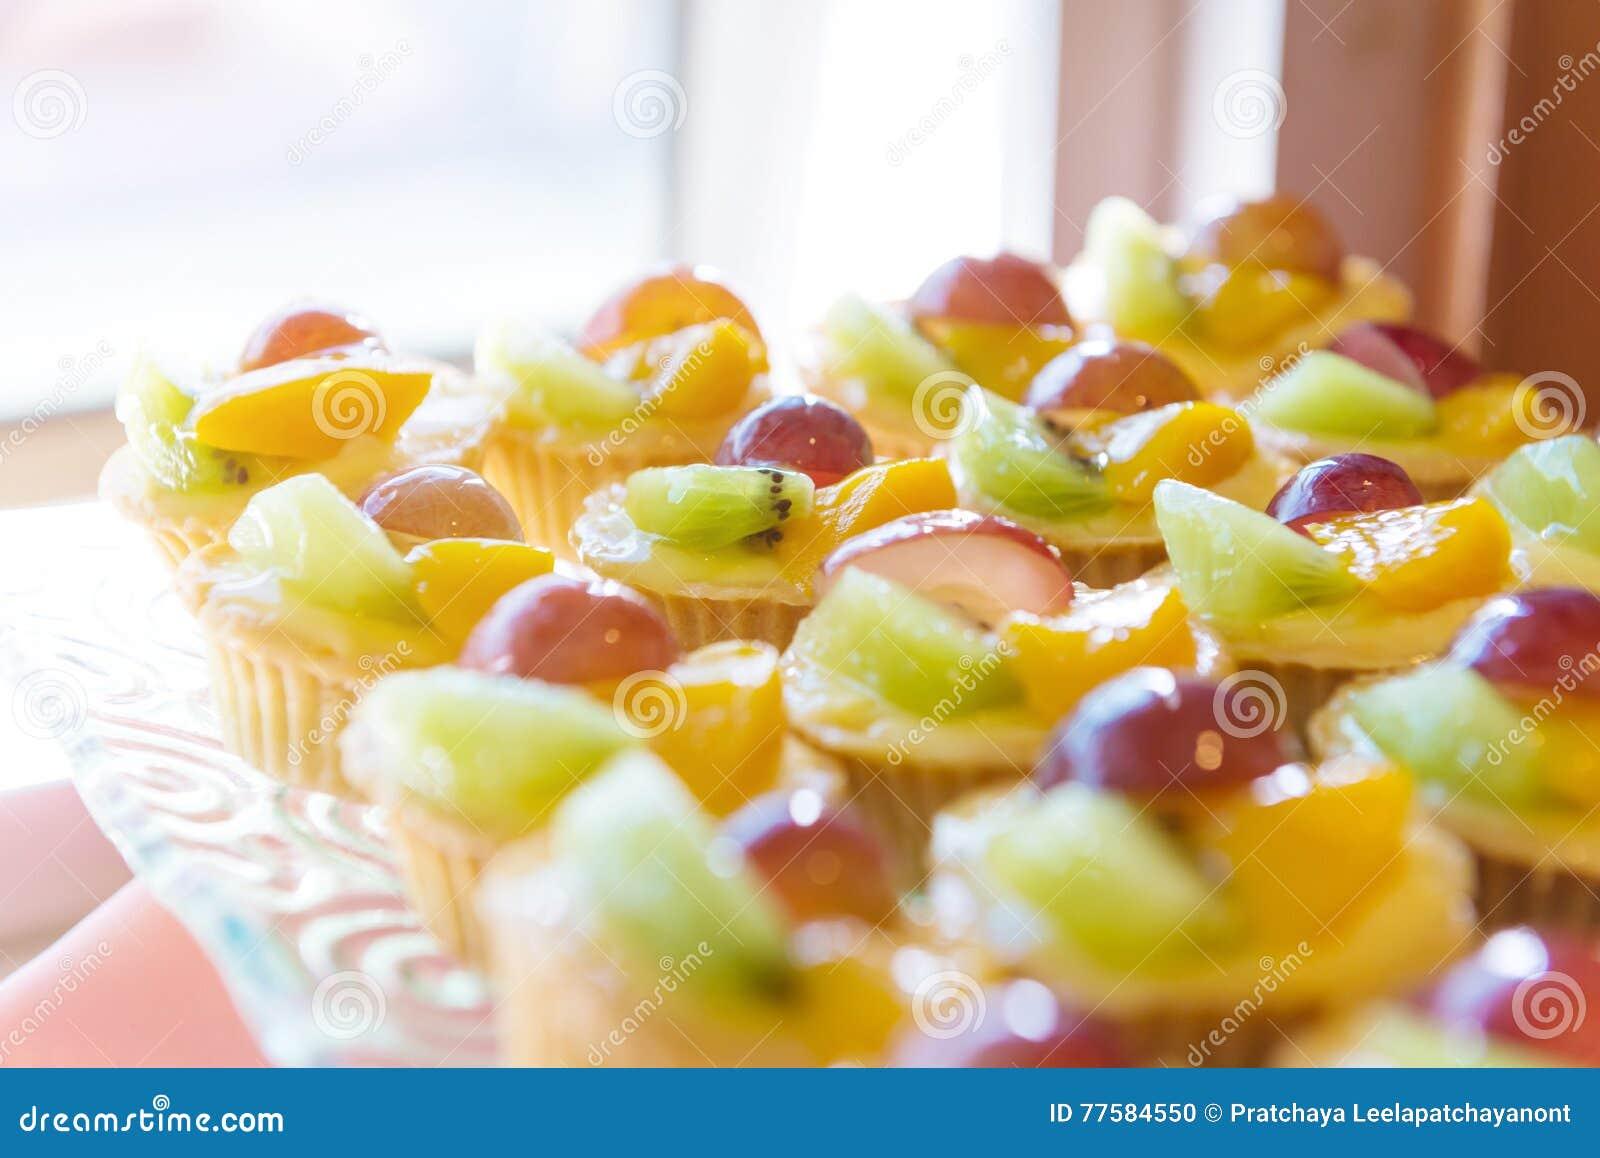 混杂的新鲜水果乳蛋糕馅饼